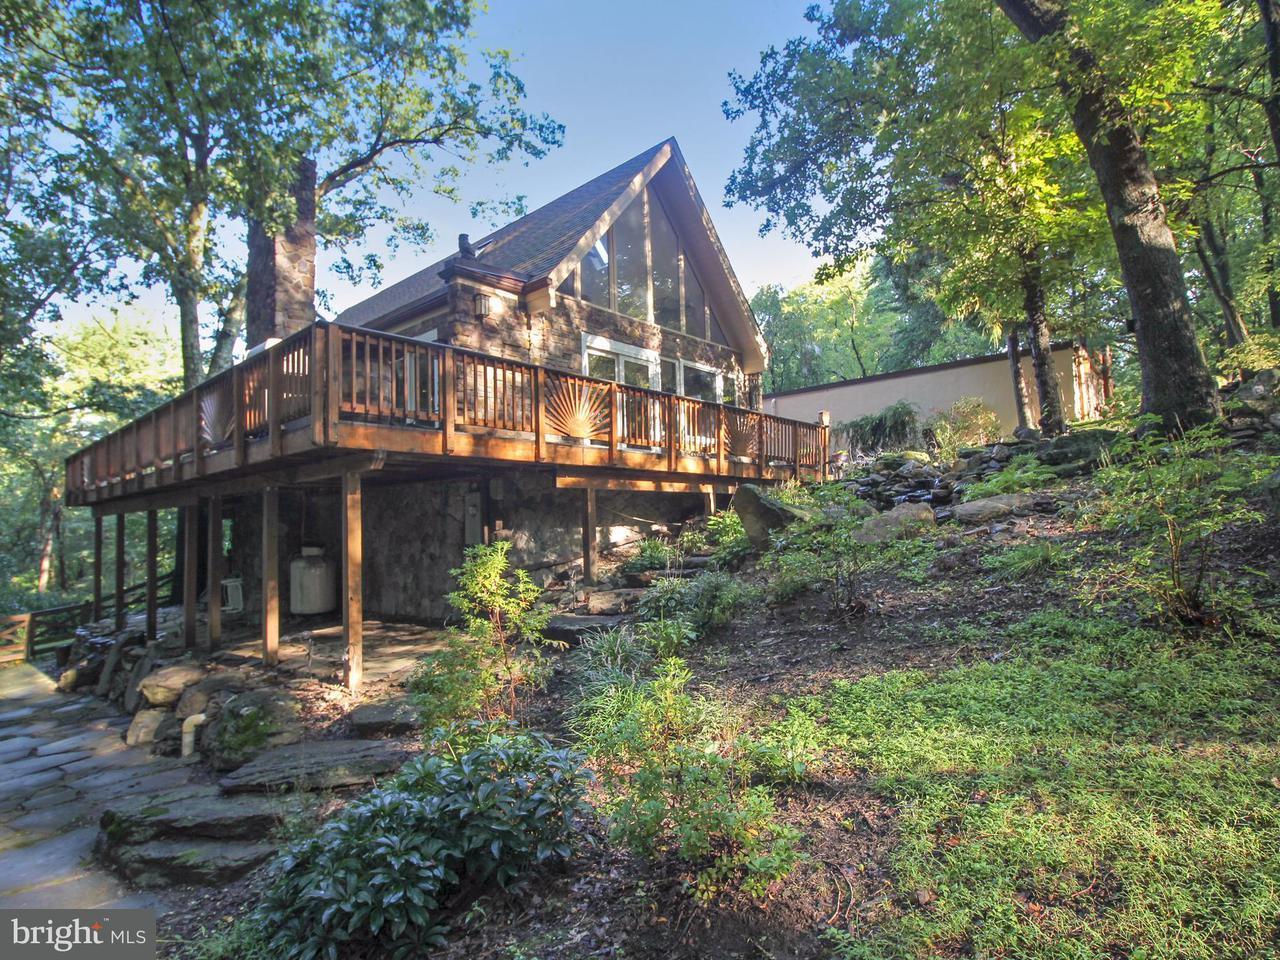 Частный односемейный дом для того Продажа на 7621 STEWART HILL Road 7621 STEWART HILL Road Adamstown, Мэриленд 21710 Соединенные Штаты